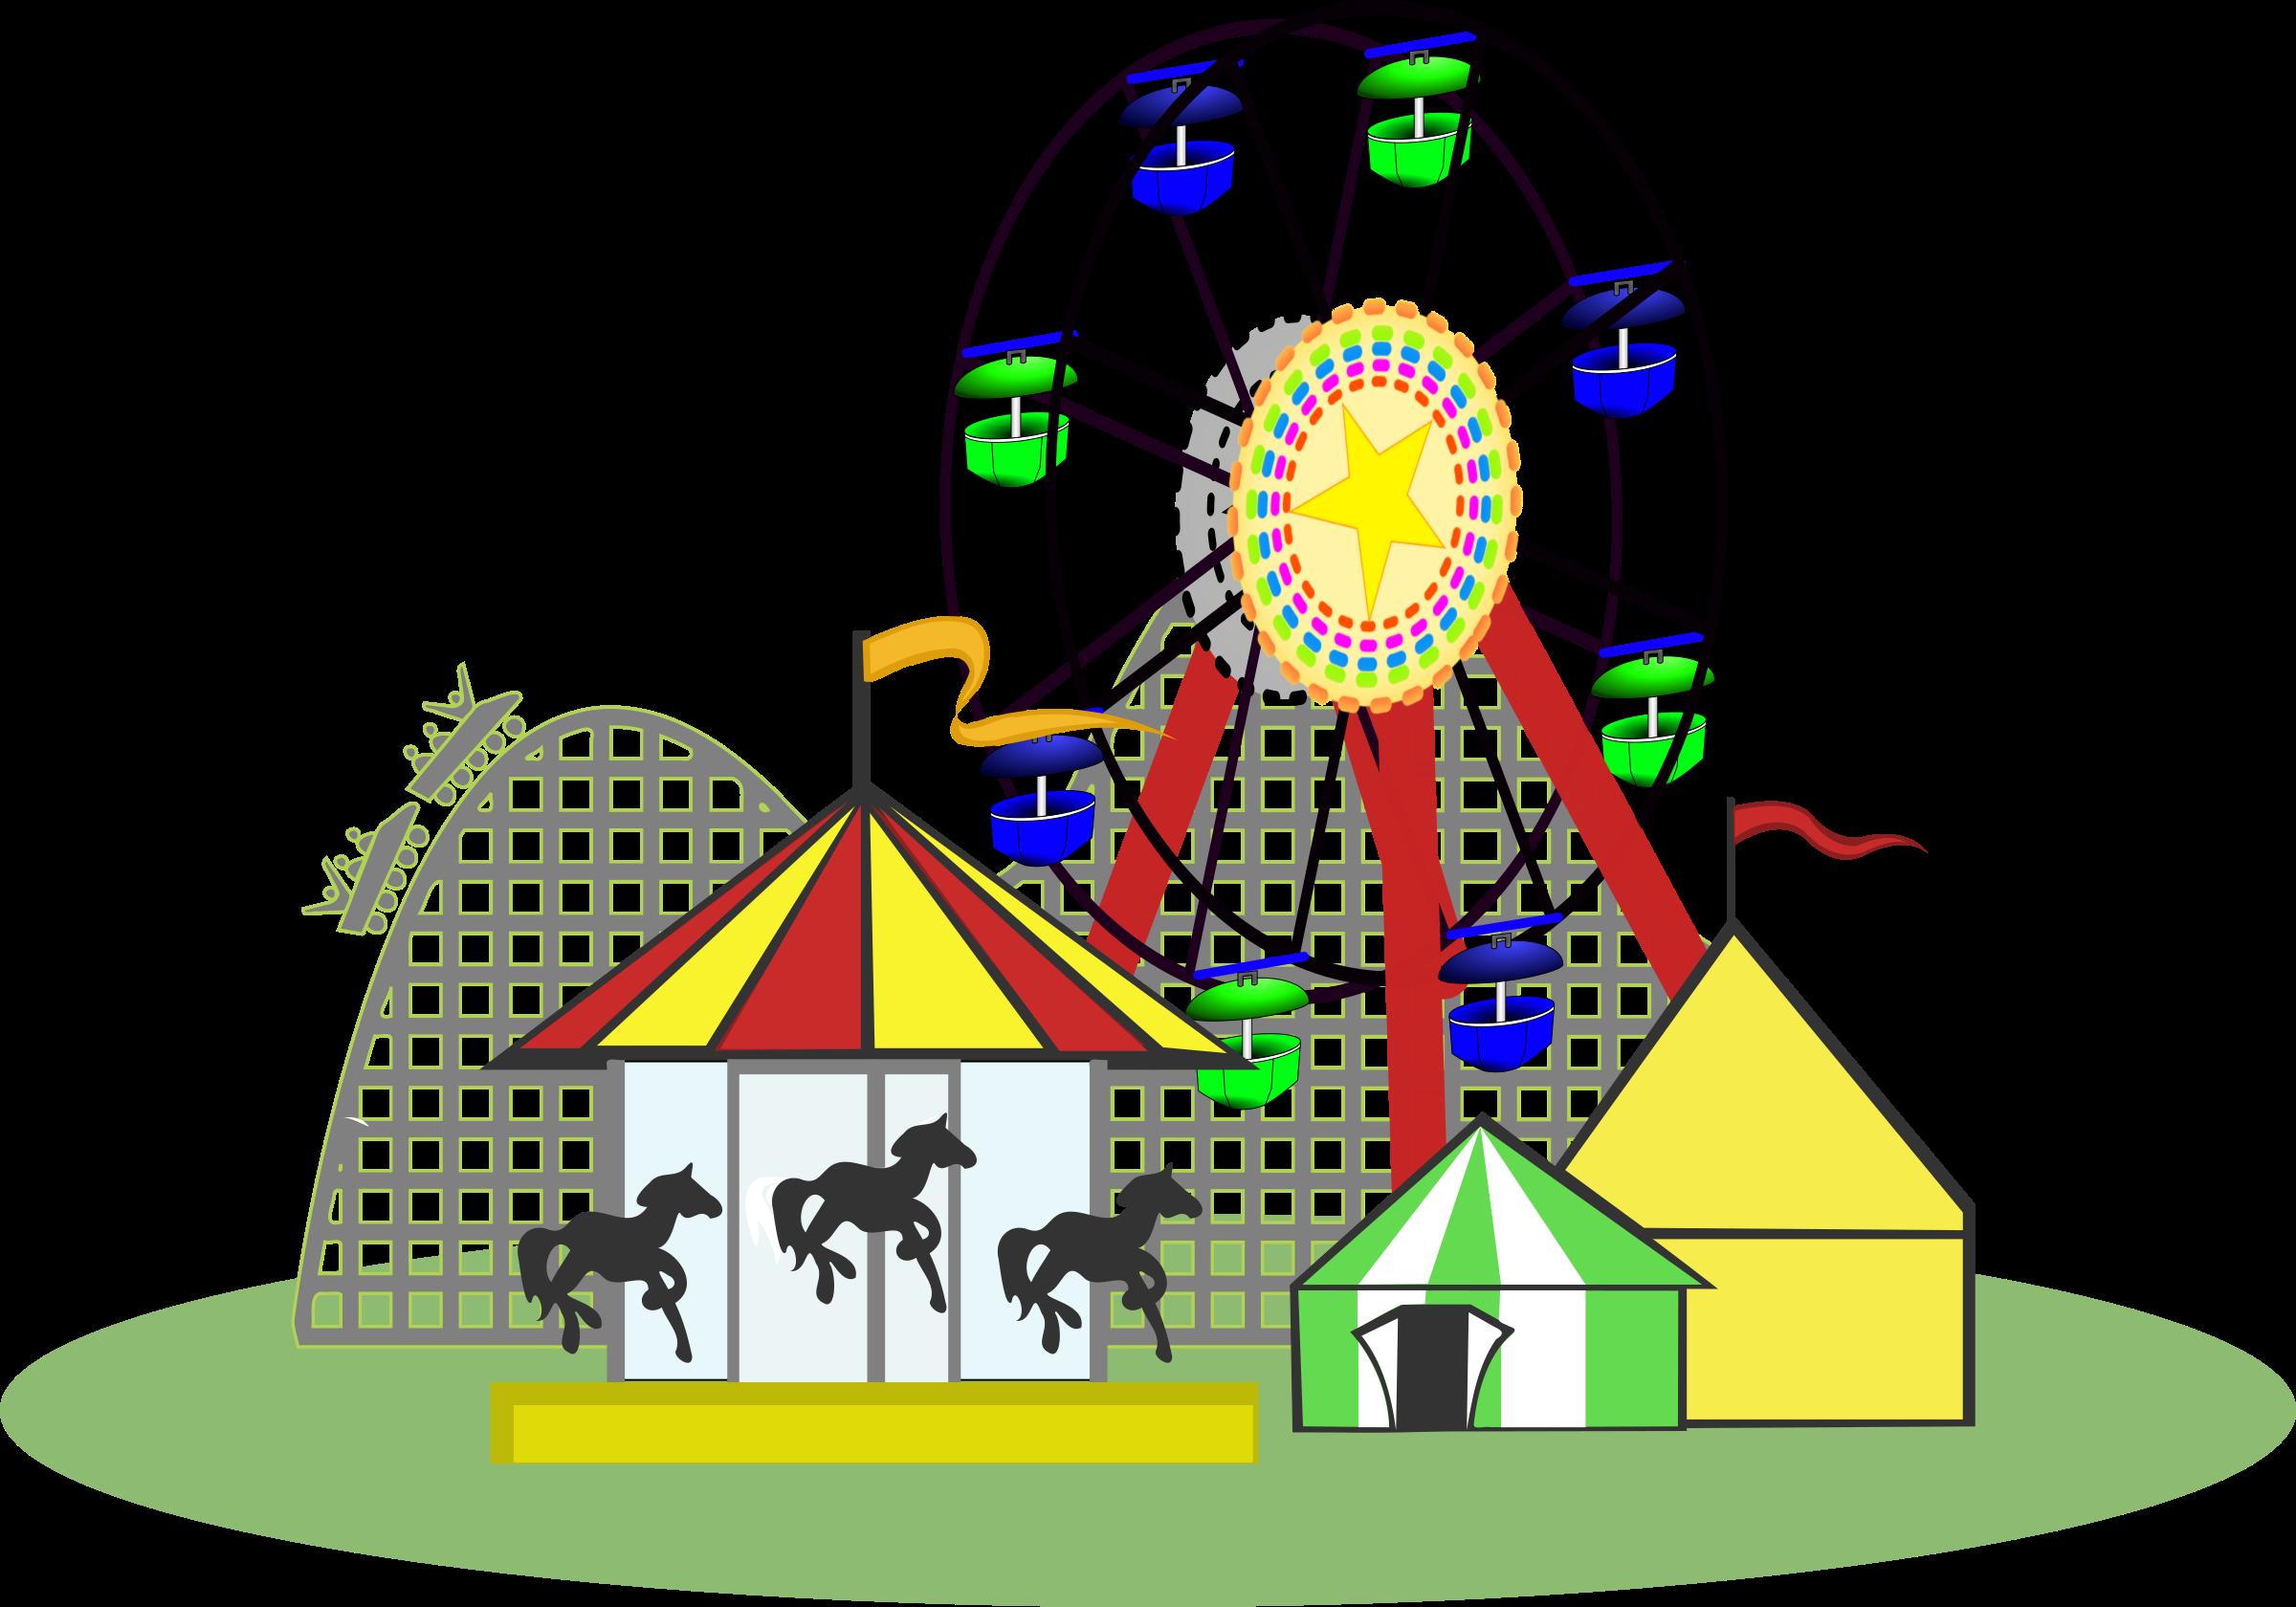 Fair clipart adventure park. Carnival color big image